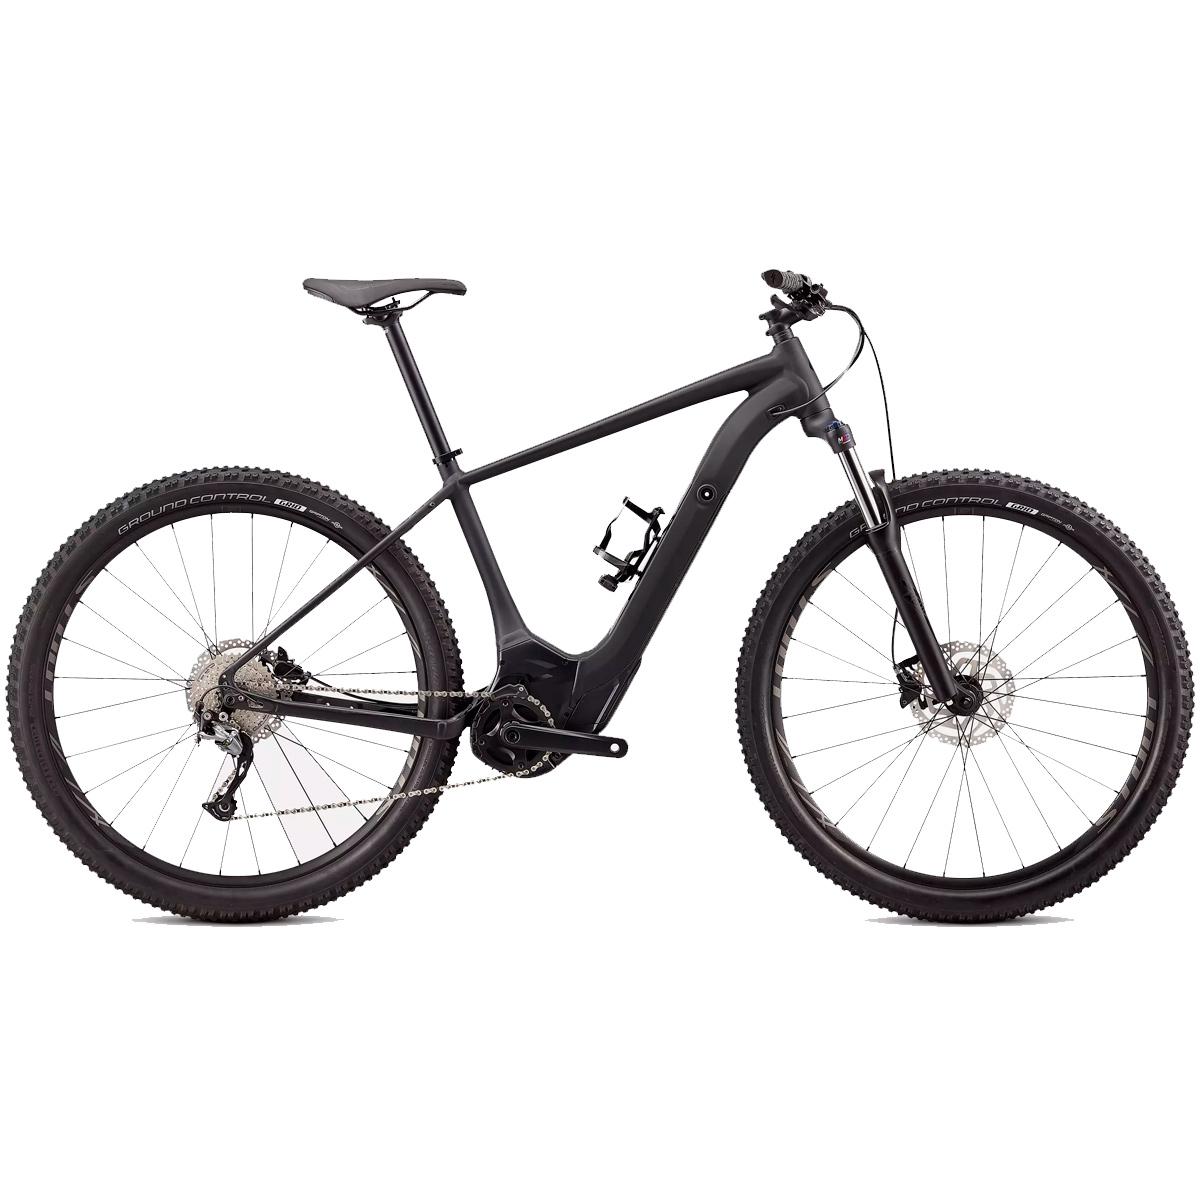 Bicicleta Specialized Turbo Levo Hardtail